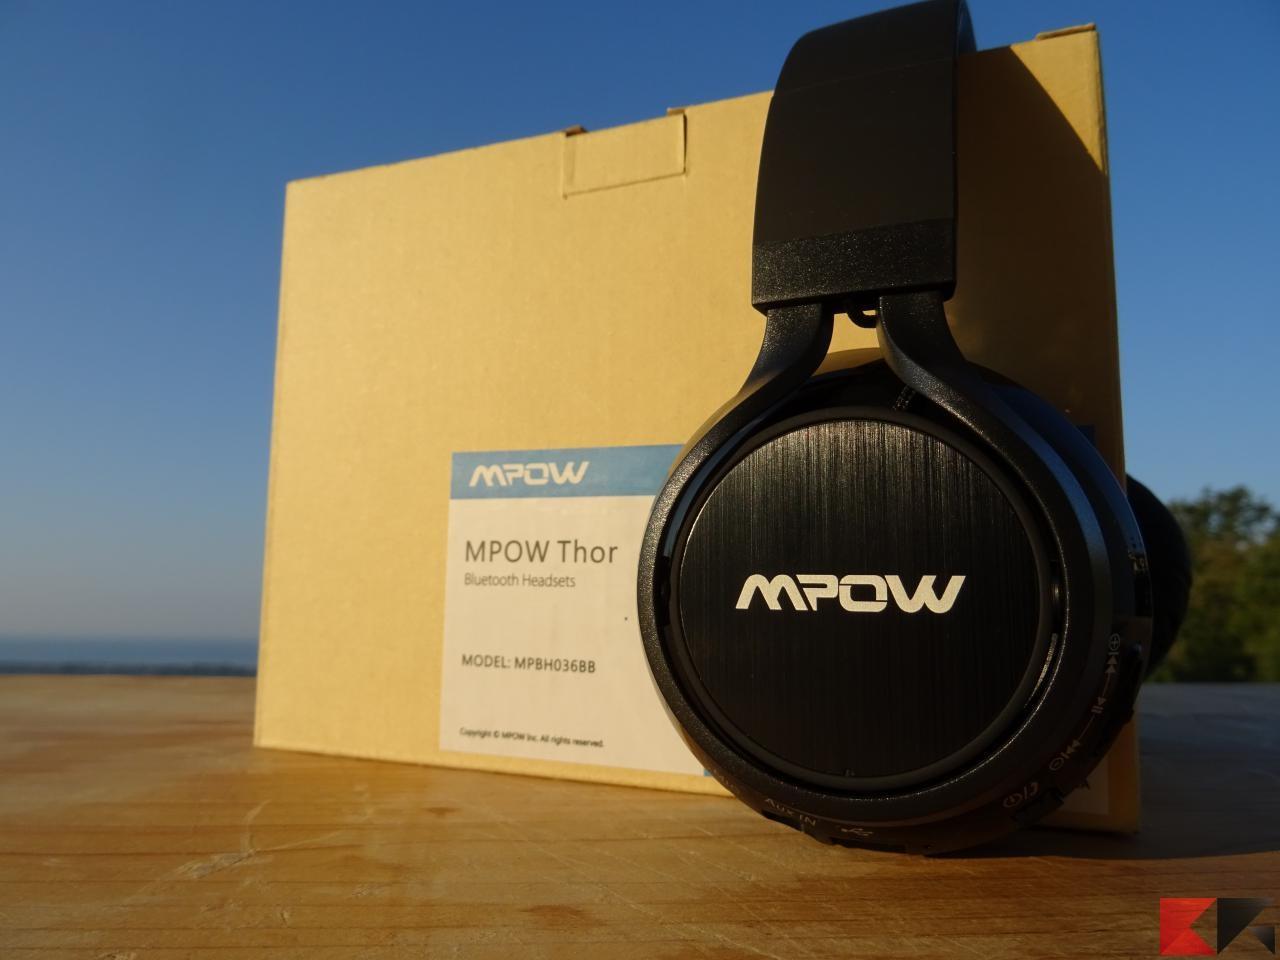 Mpow Thor  cuffie Bluetooth economiche e senza fronzoli! - ChimeraRevo b4fb26bf53c1